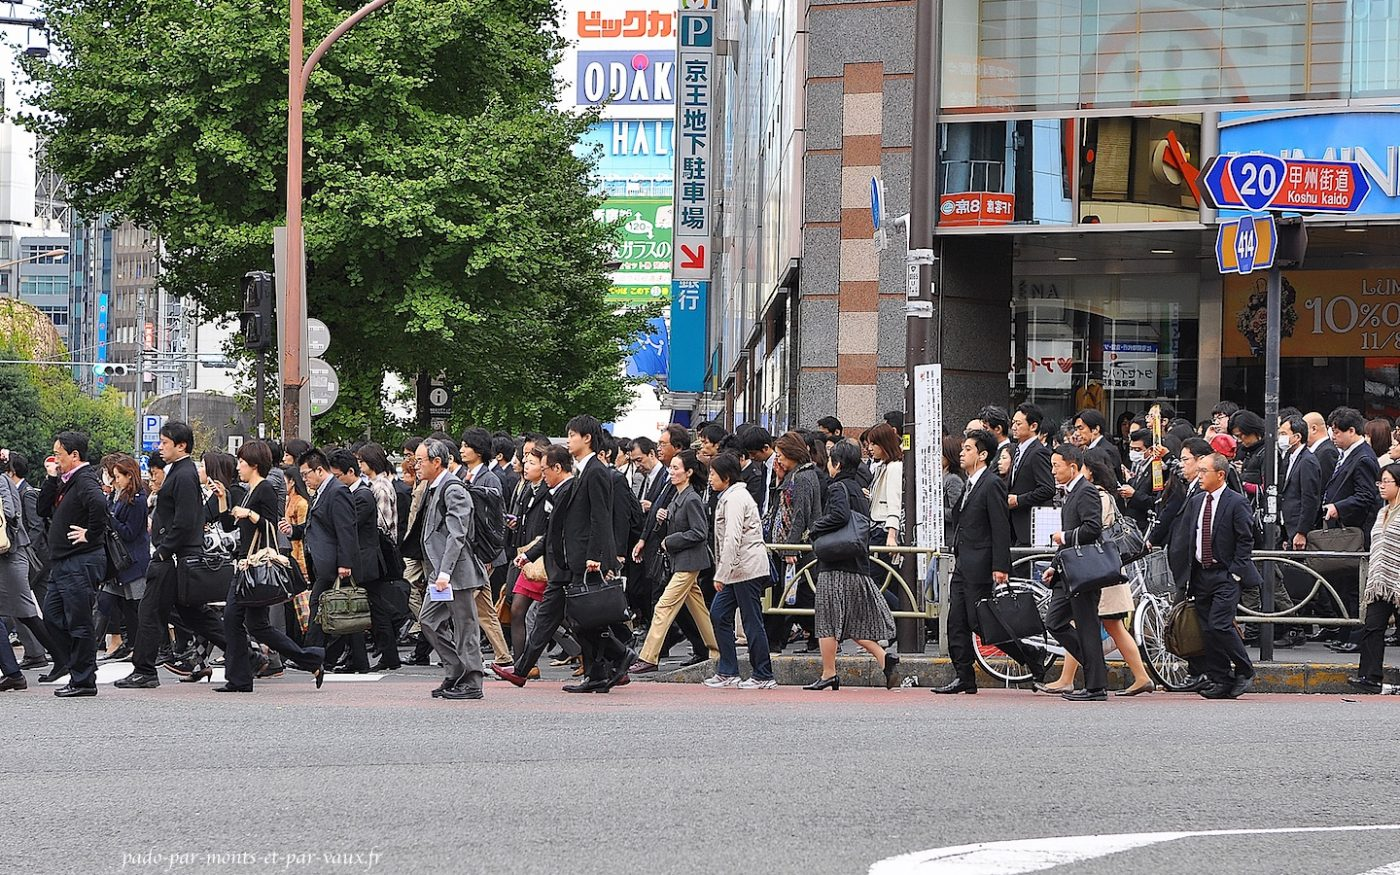 Shinjuku c'est l'heure du boulot